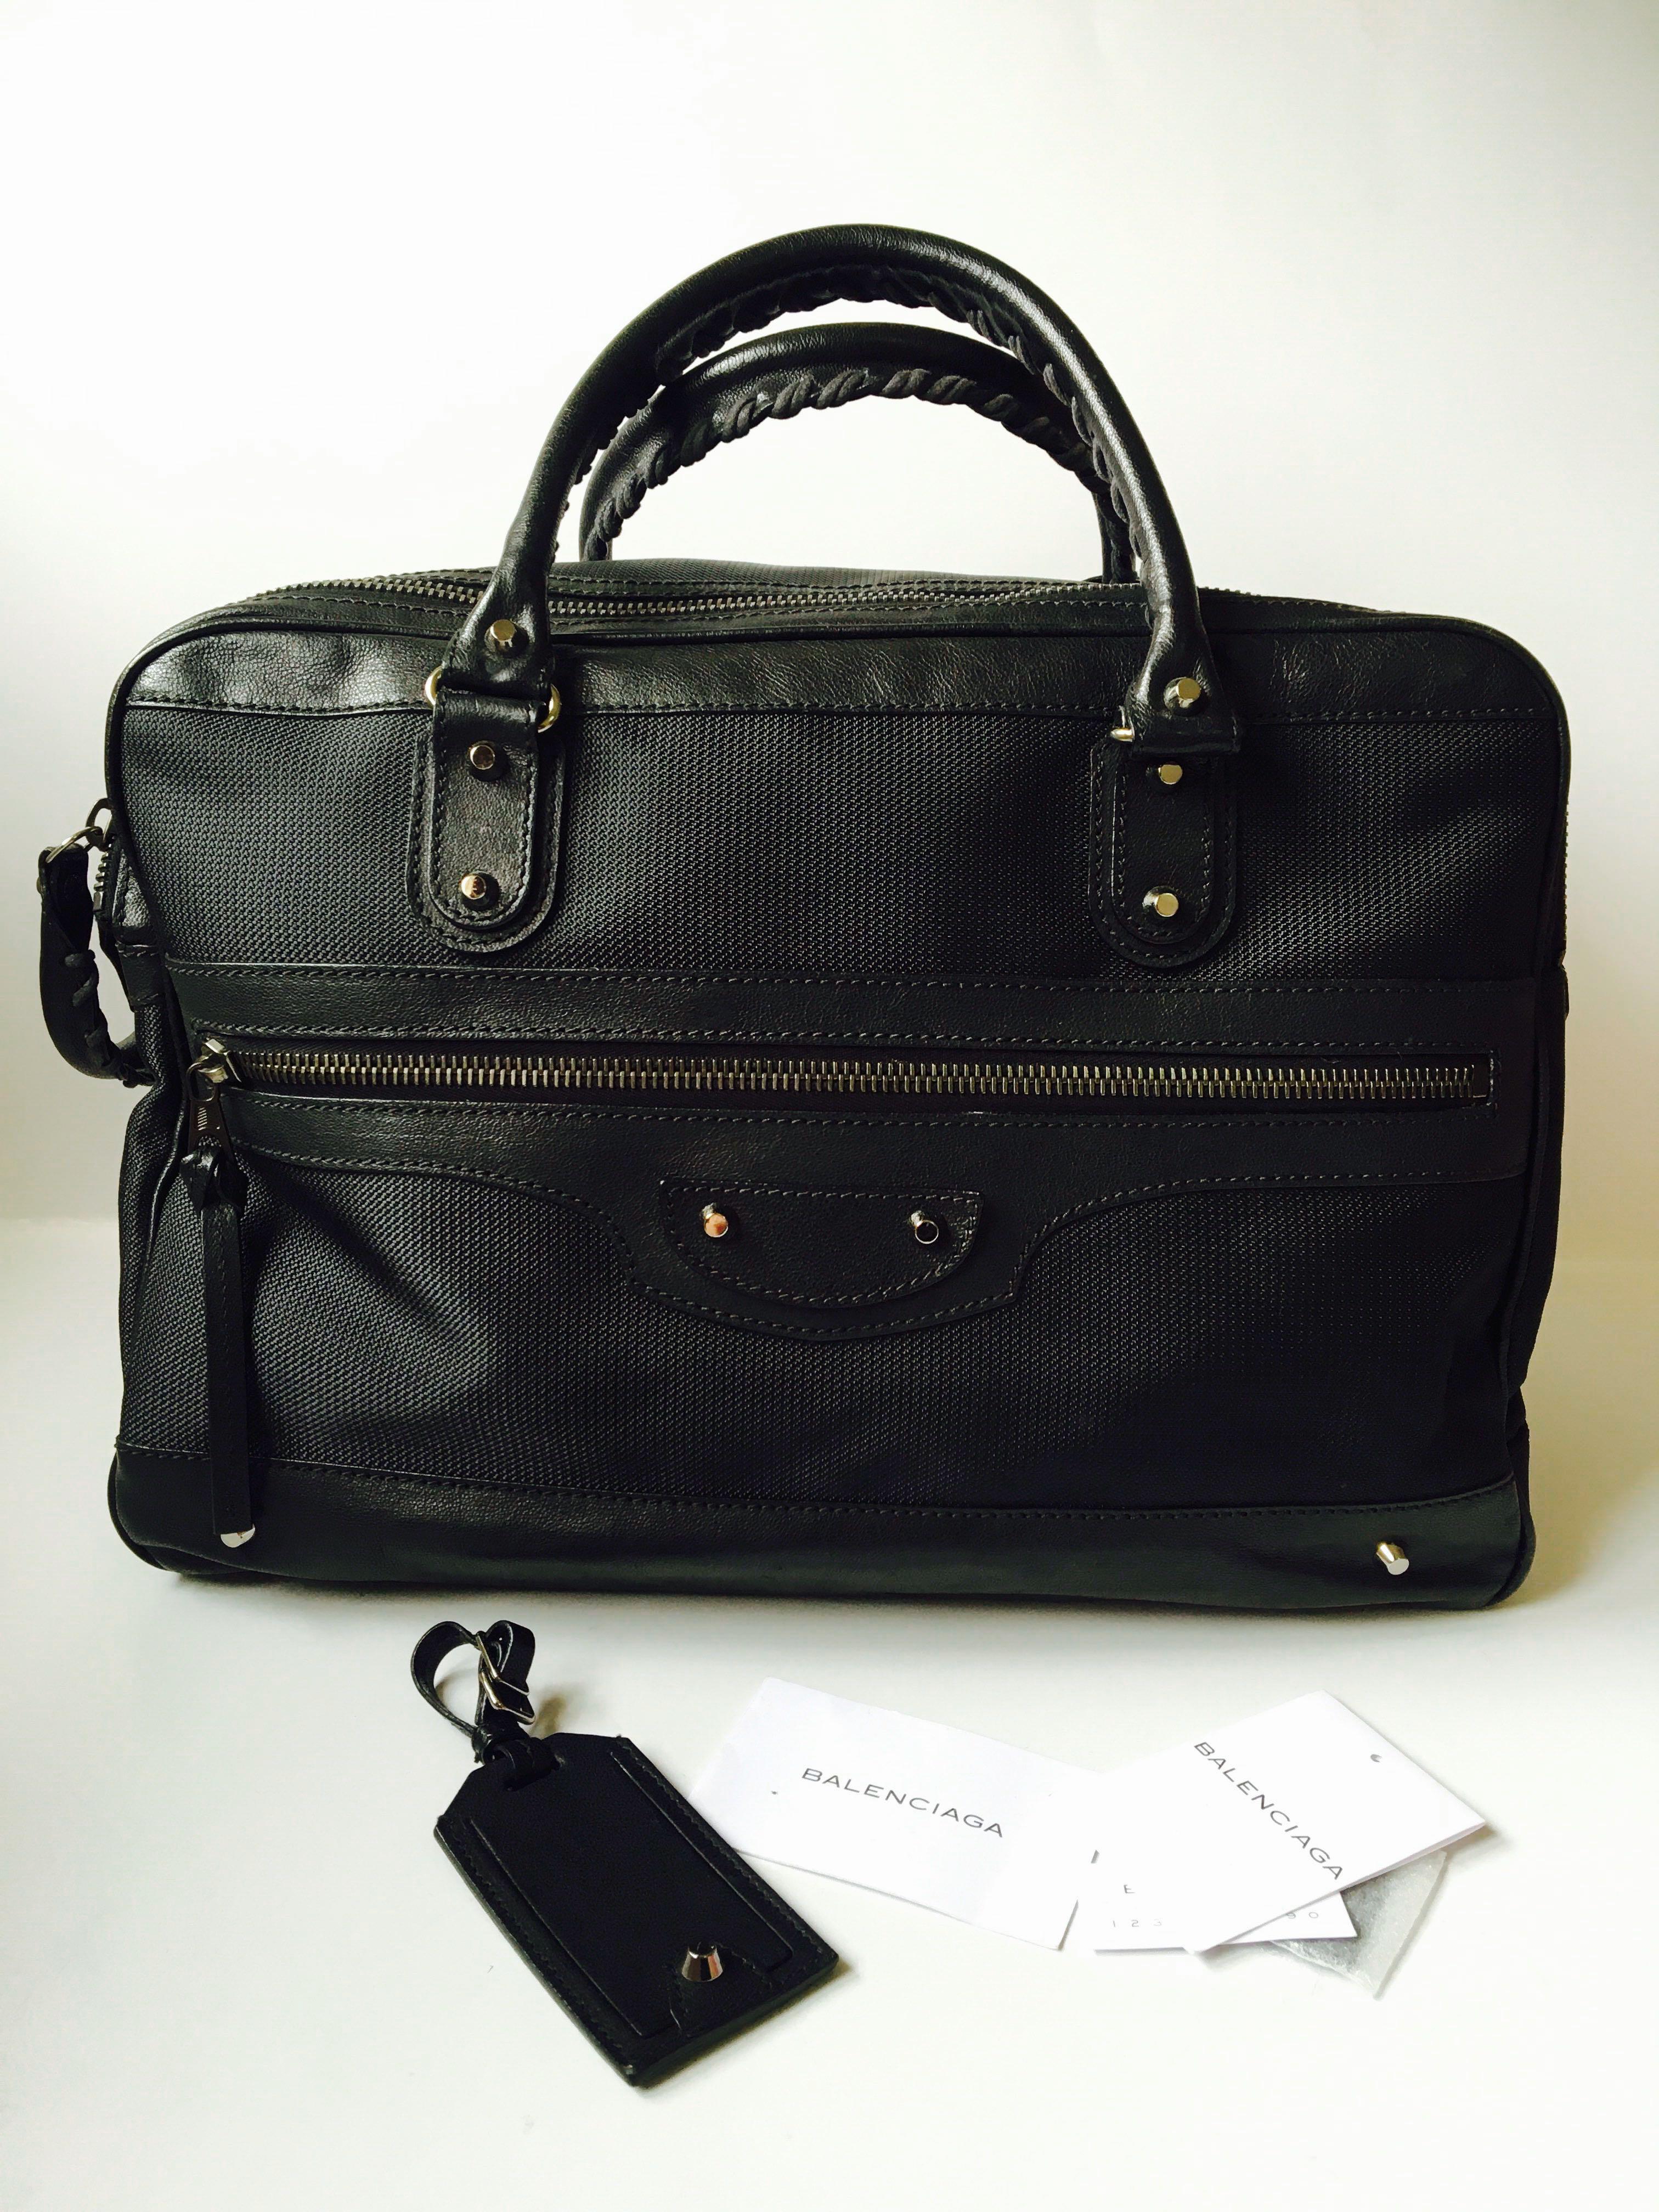 36e8e7d16c Home · Luxury · Bags   Wallets · Handbags. photo photo ...